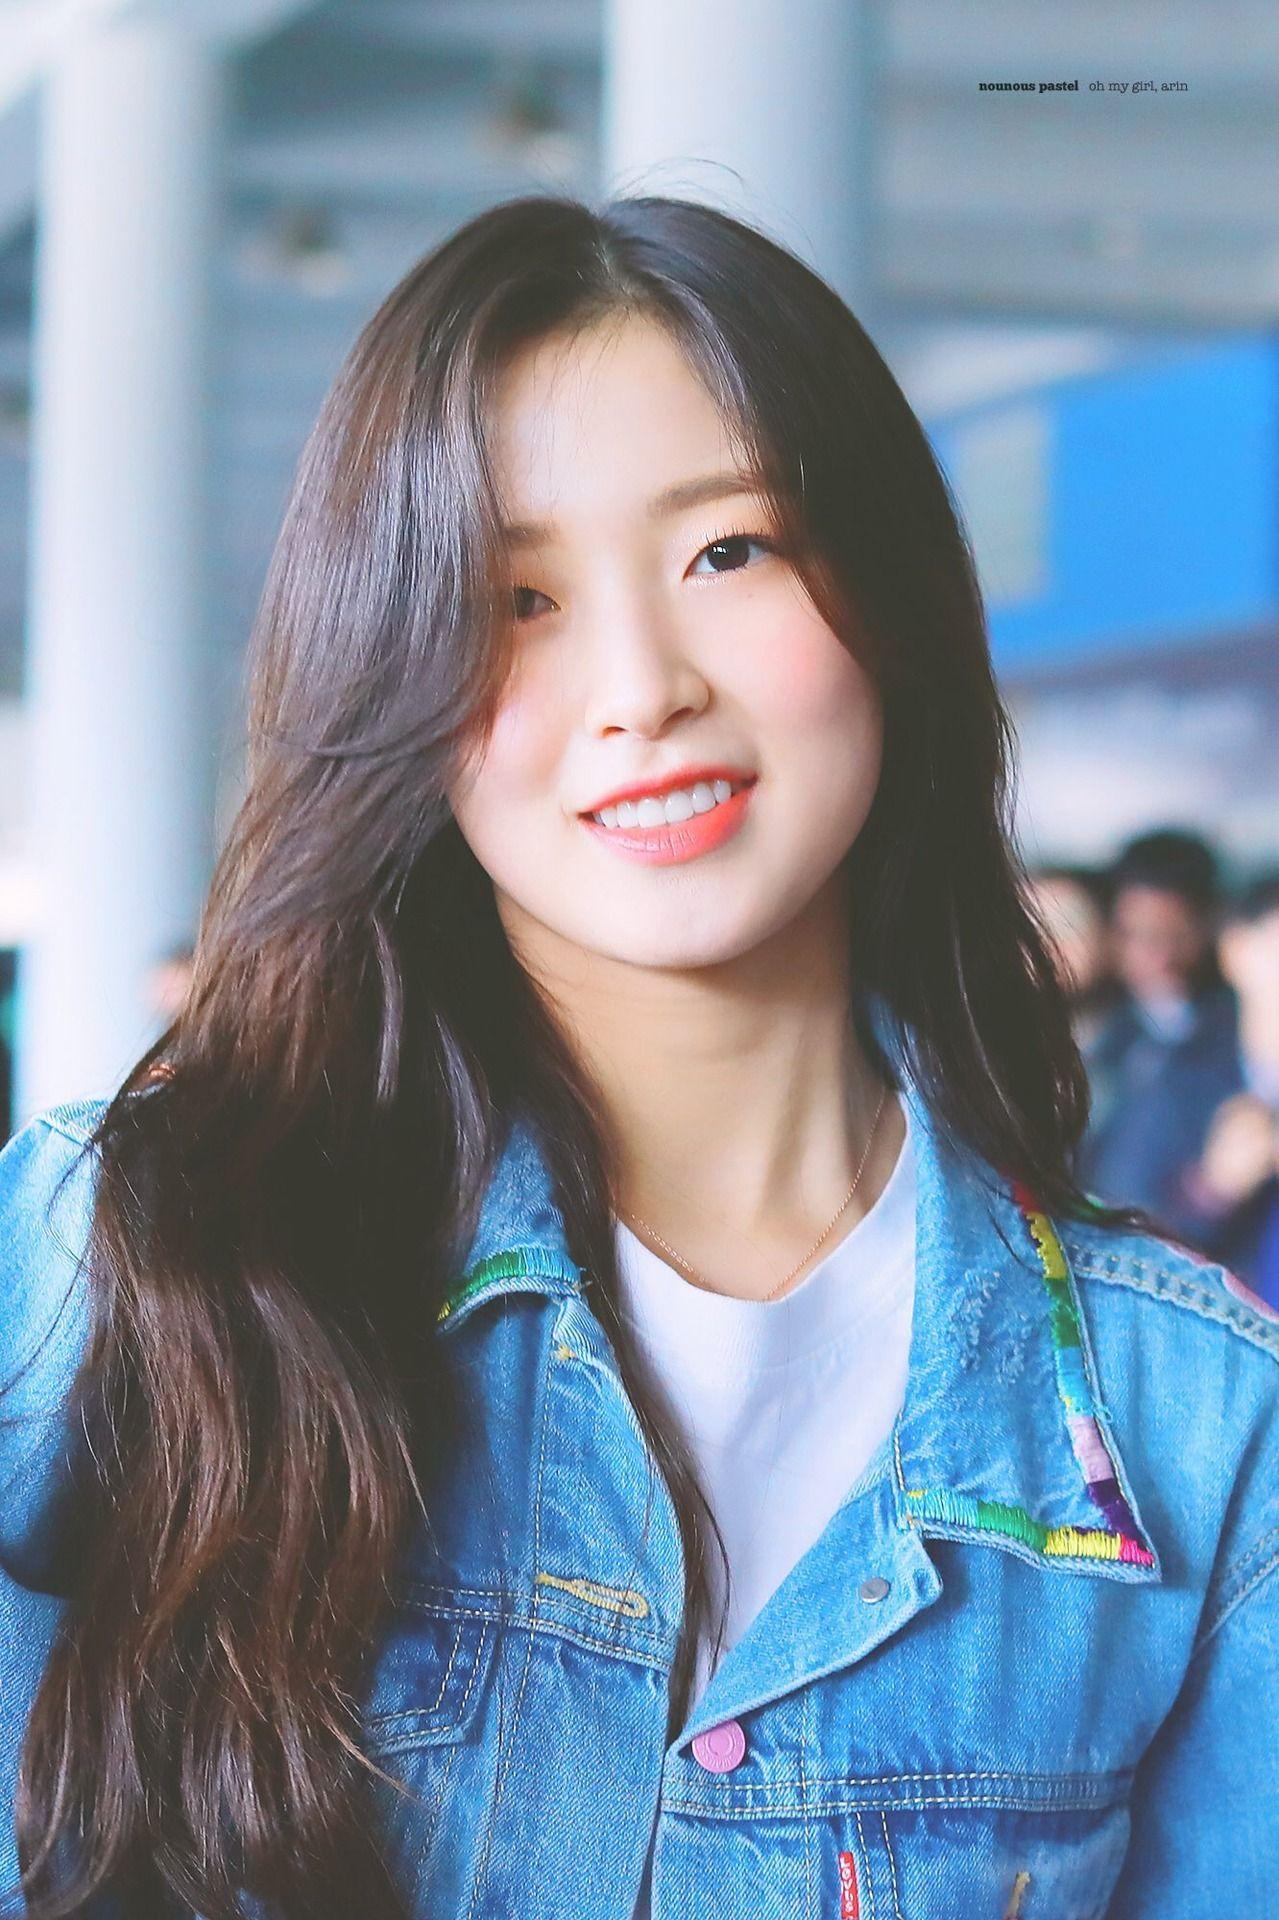 Pin By I I Iµ On Kpop Arin Oh My Girl Cool Girl Kpop Girls